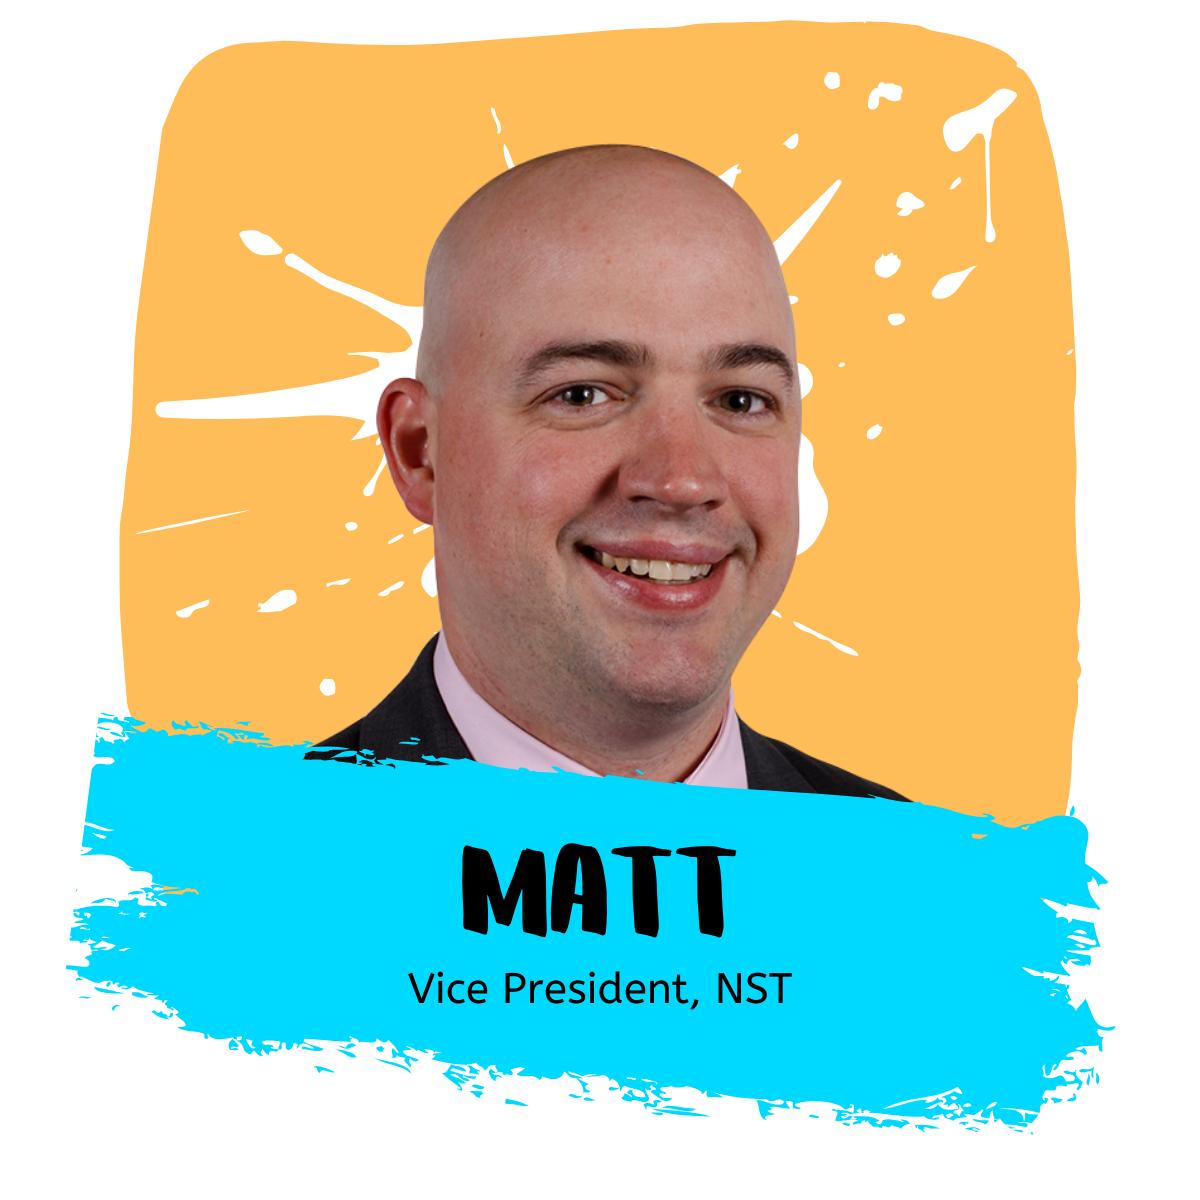 Matt-NST-CL-Tile-1